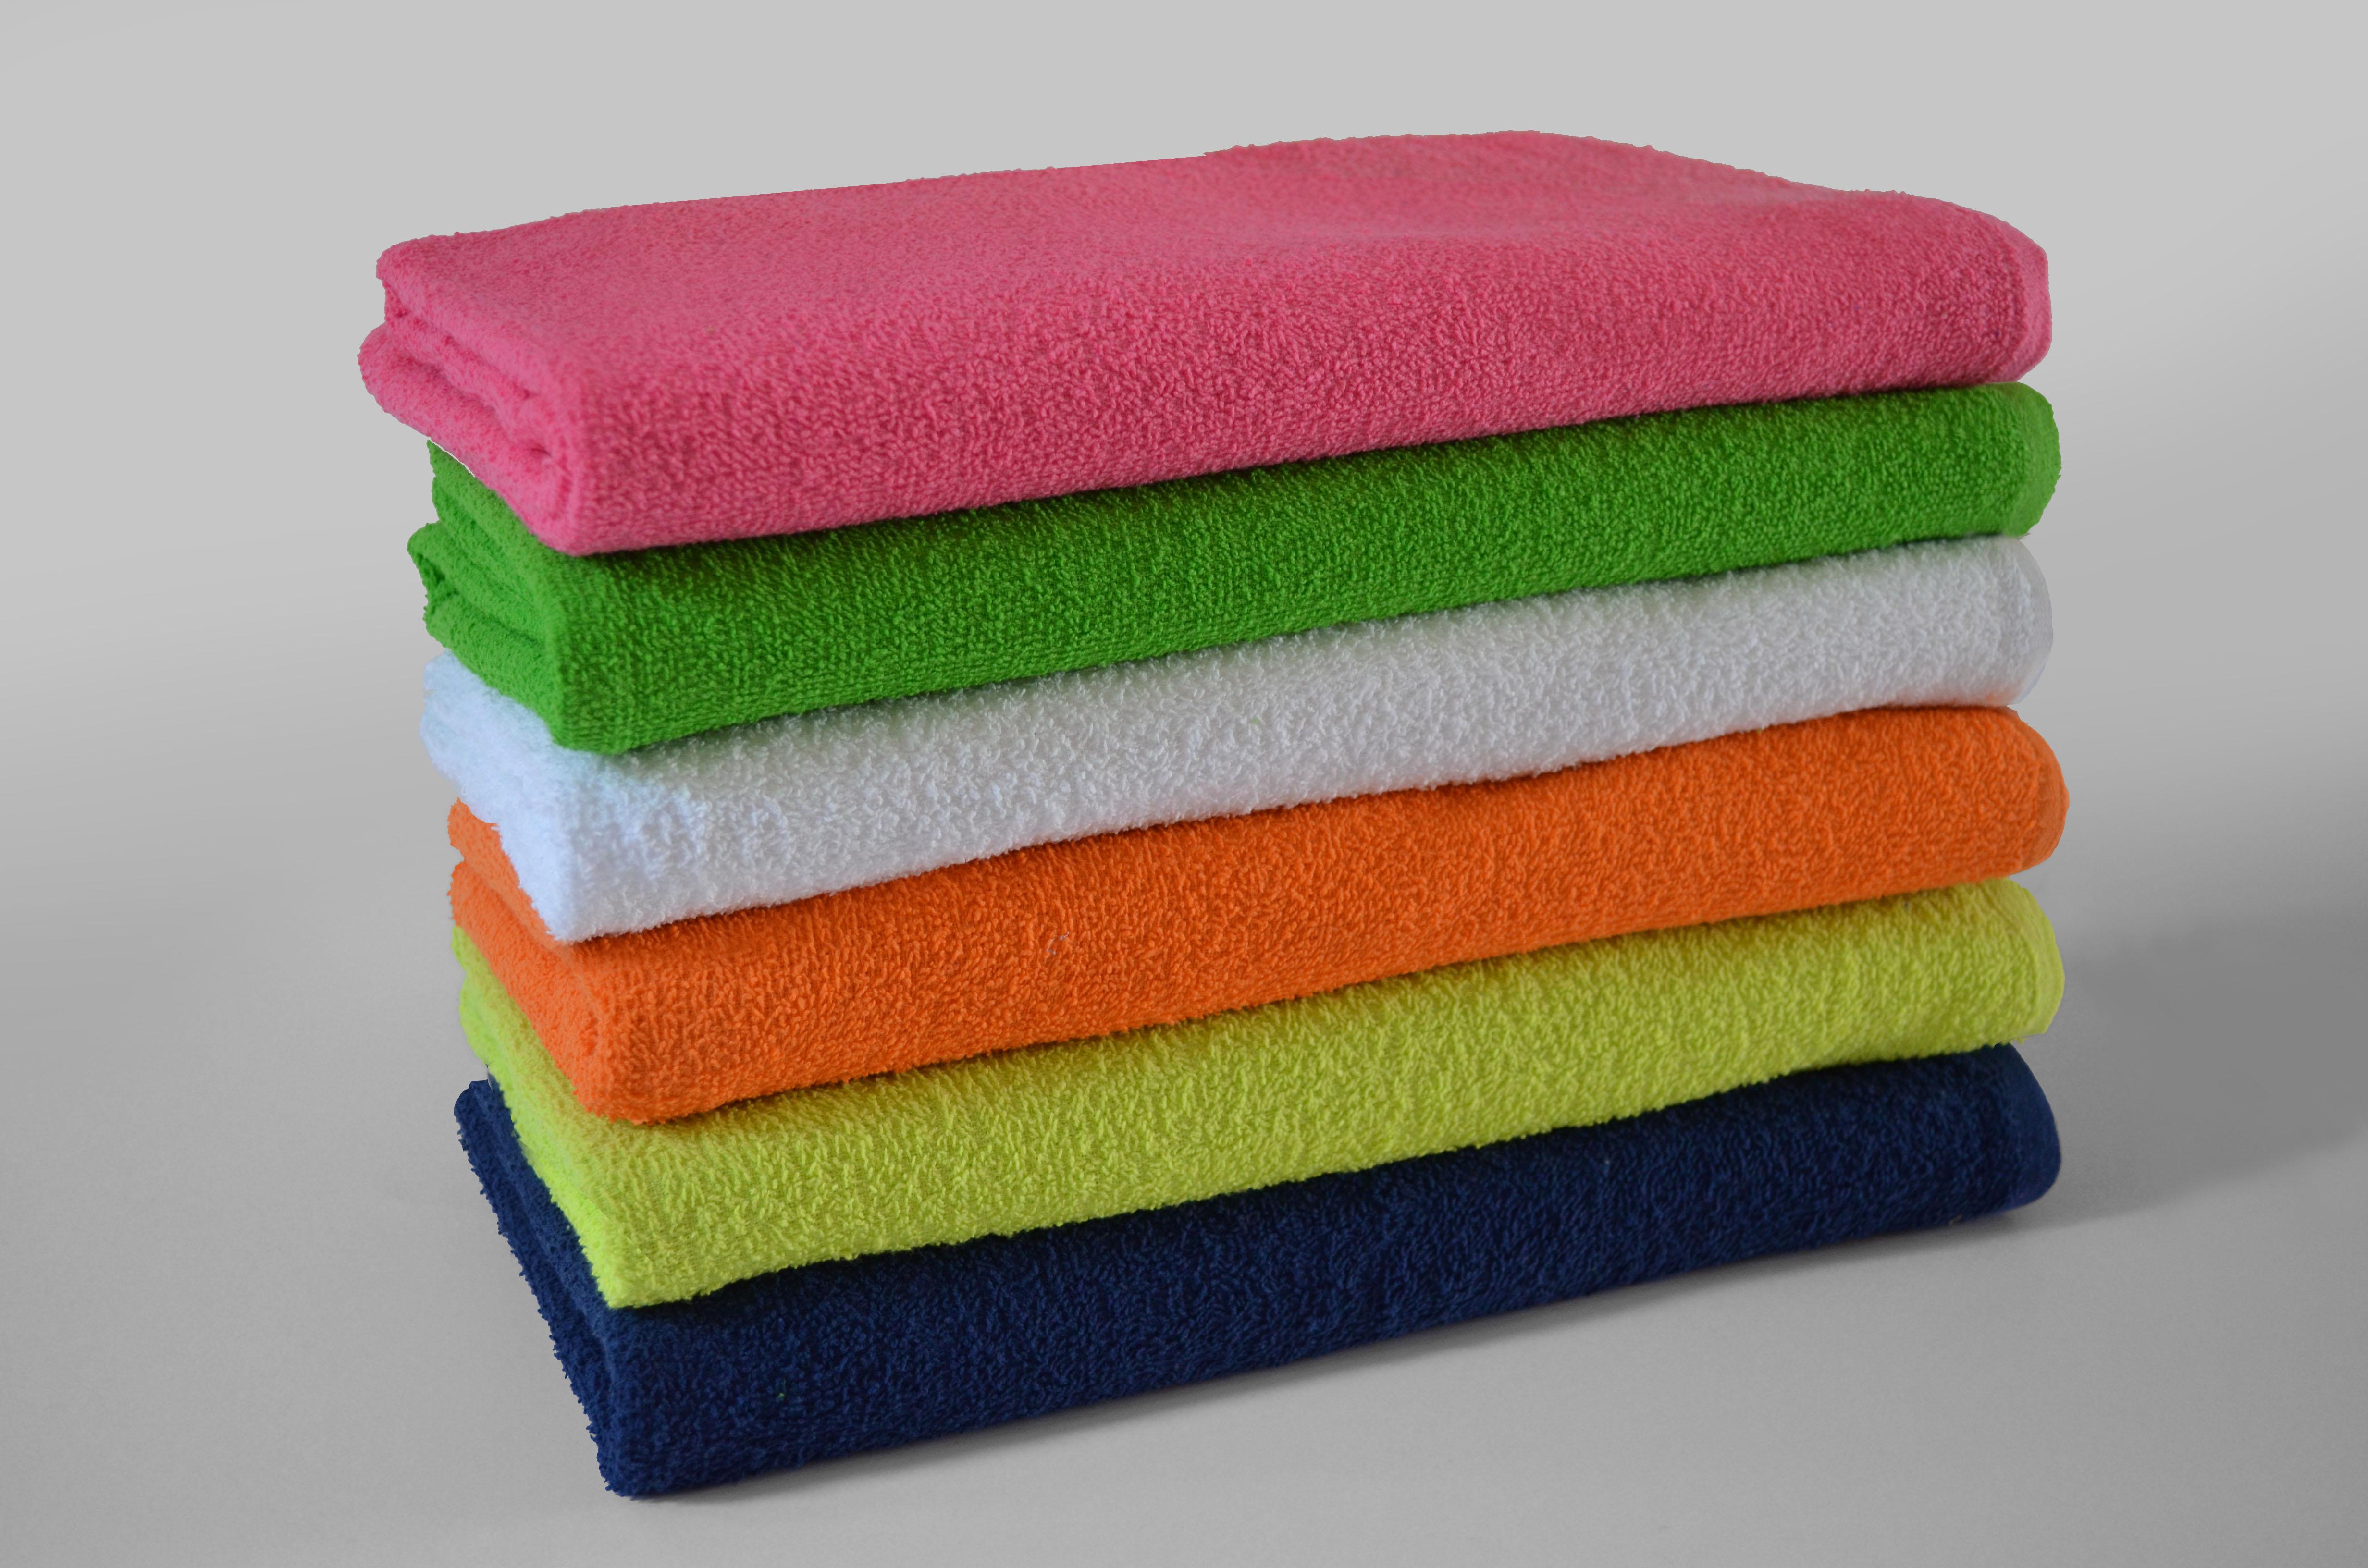 Towelsoutlet Com 30x60 Super Economy Beach Towels